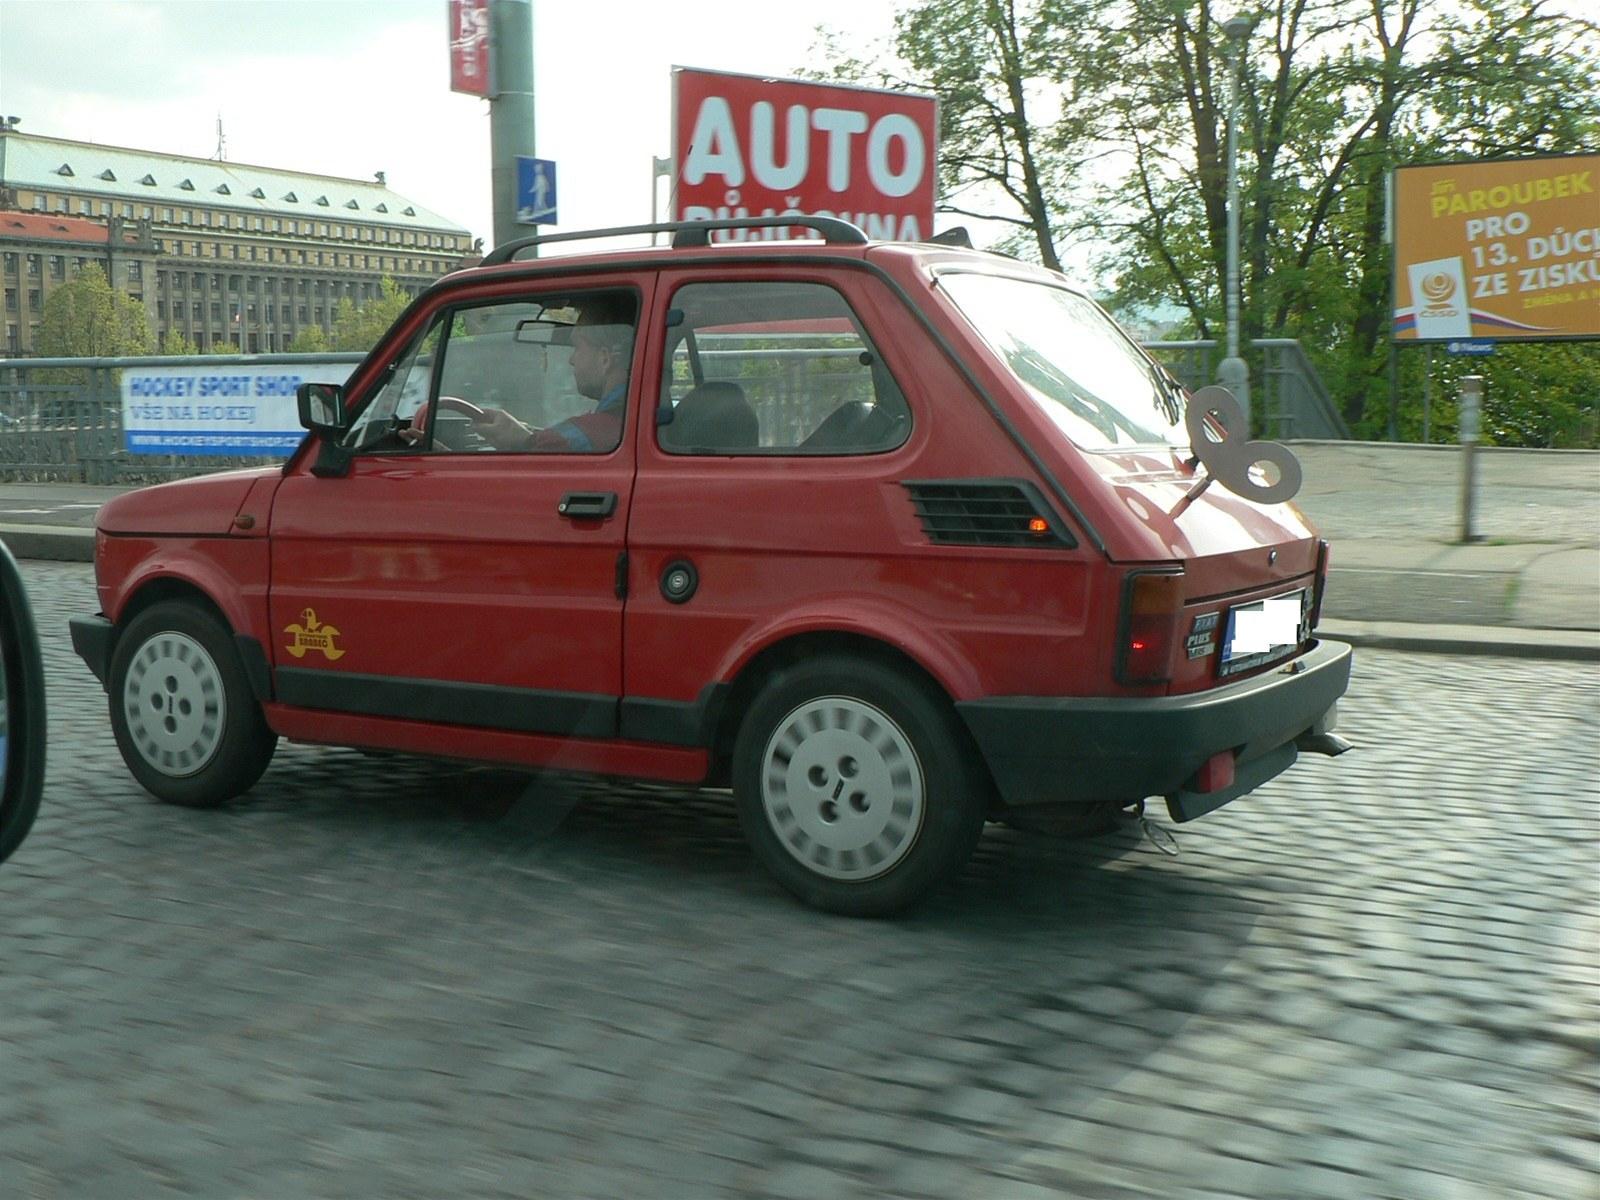 ÐаÑÑинки по запÑоÑÑ auto na klíÄek